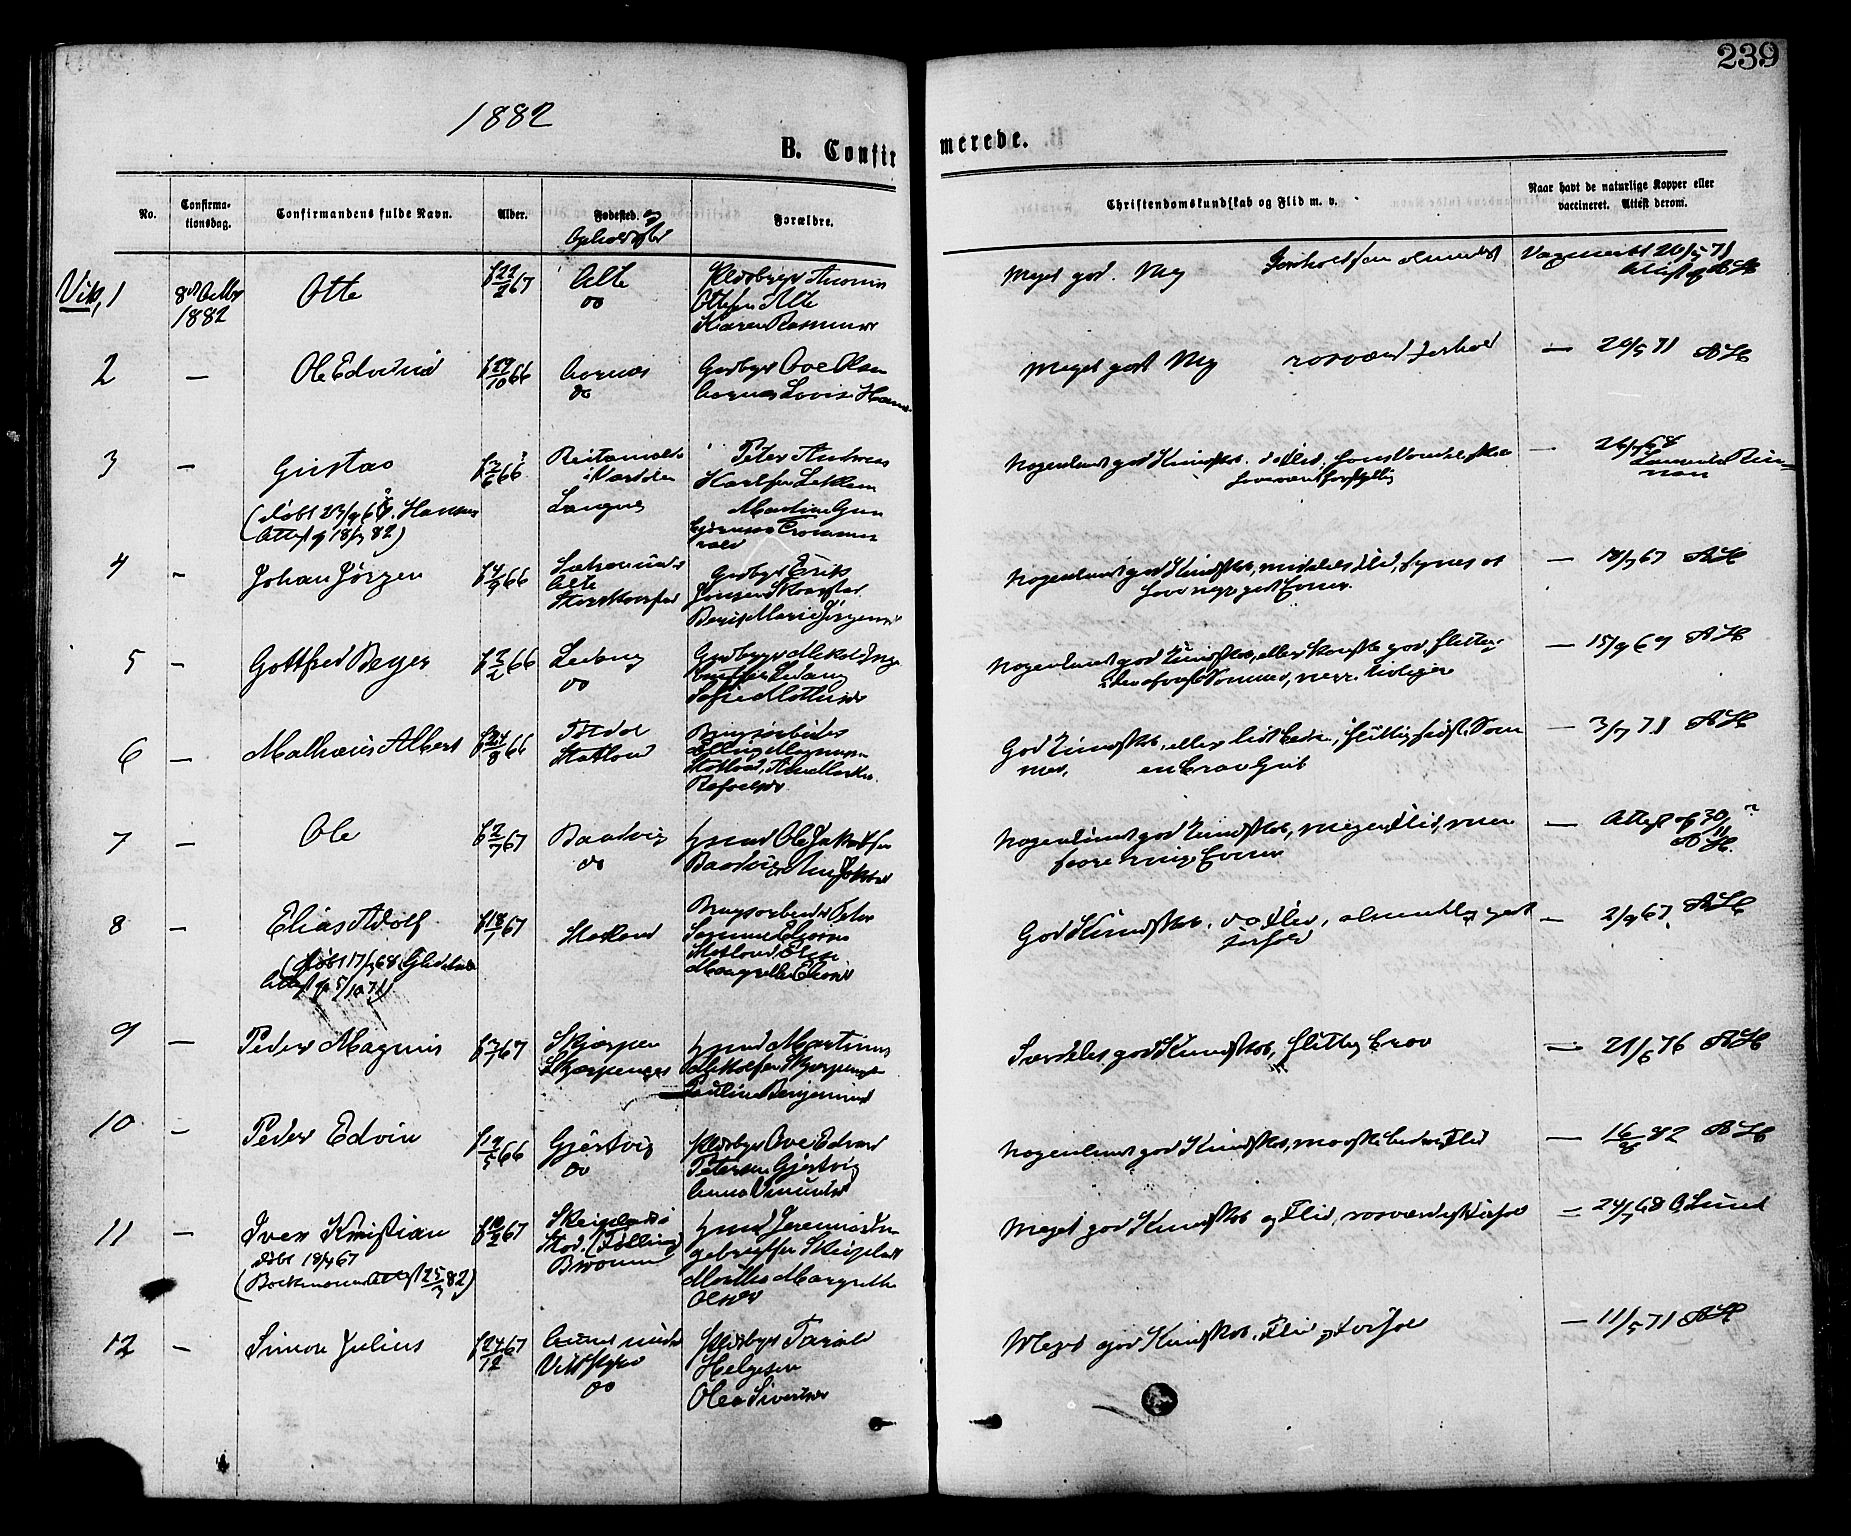 SAT, Ministerialprotokoller, klokkerbøker og fødselsregistre - Nord-Trøndelag, 773/L0616: Ministerialbok nr. 773A07, 1870-1887, s. 239